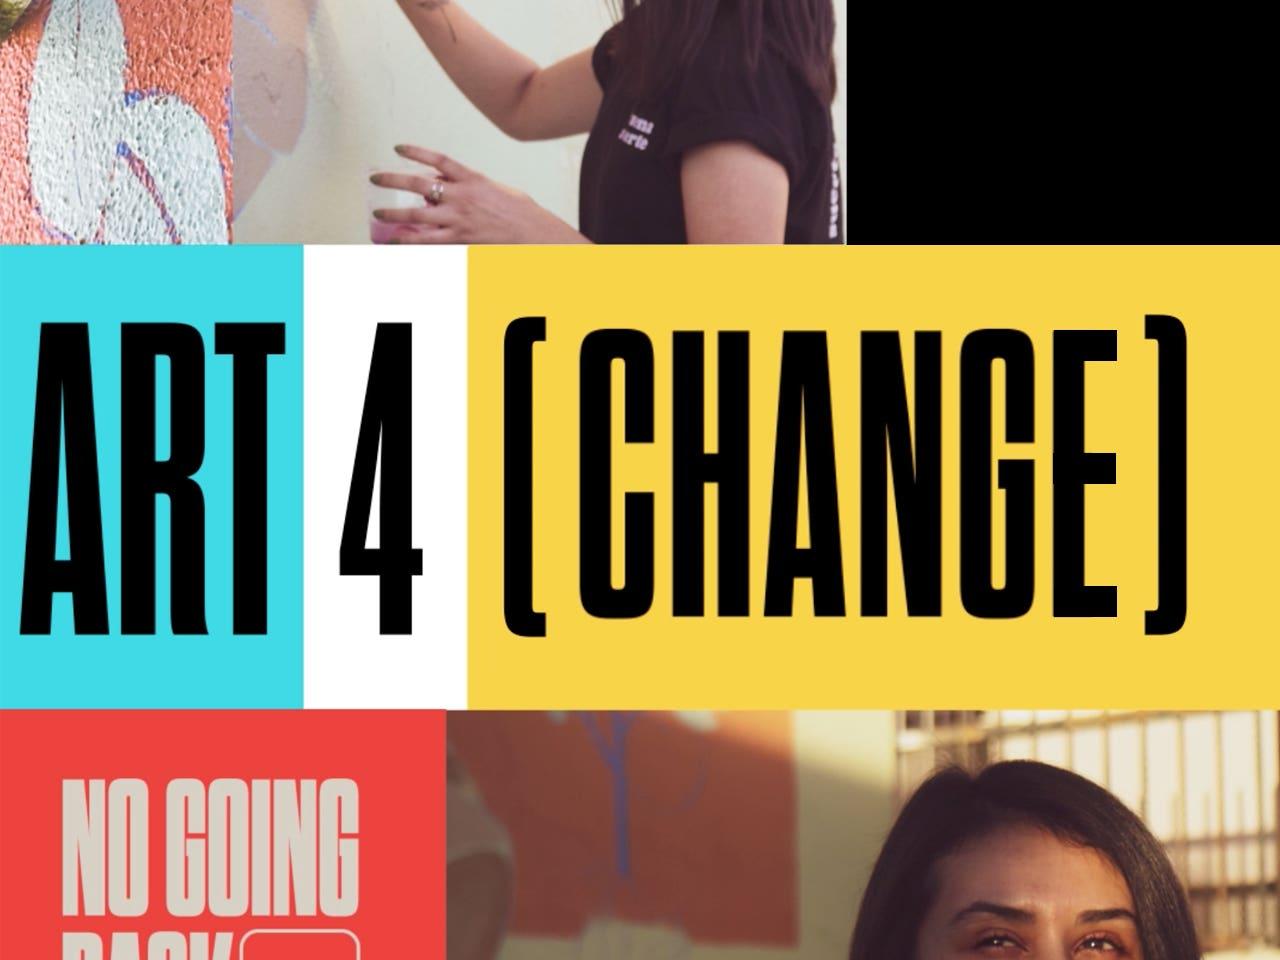 Arts 4 [CHANGE]